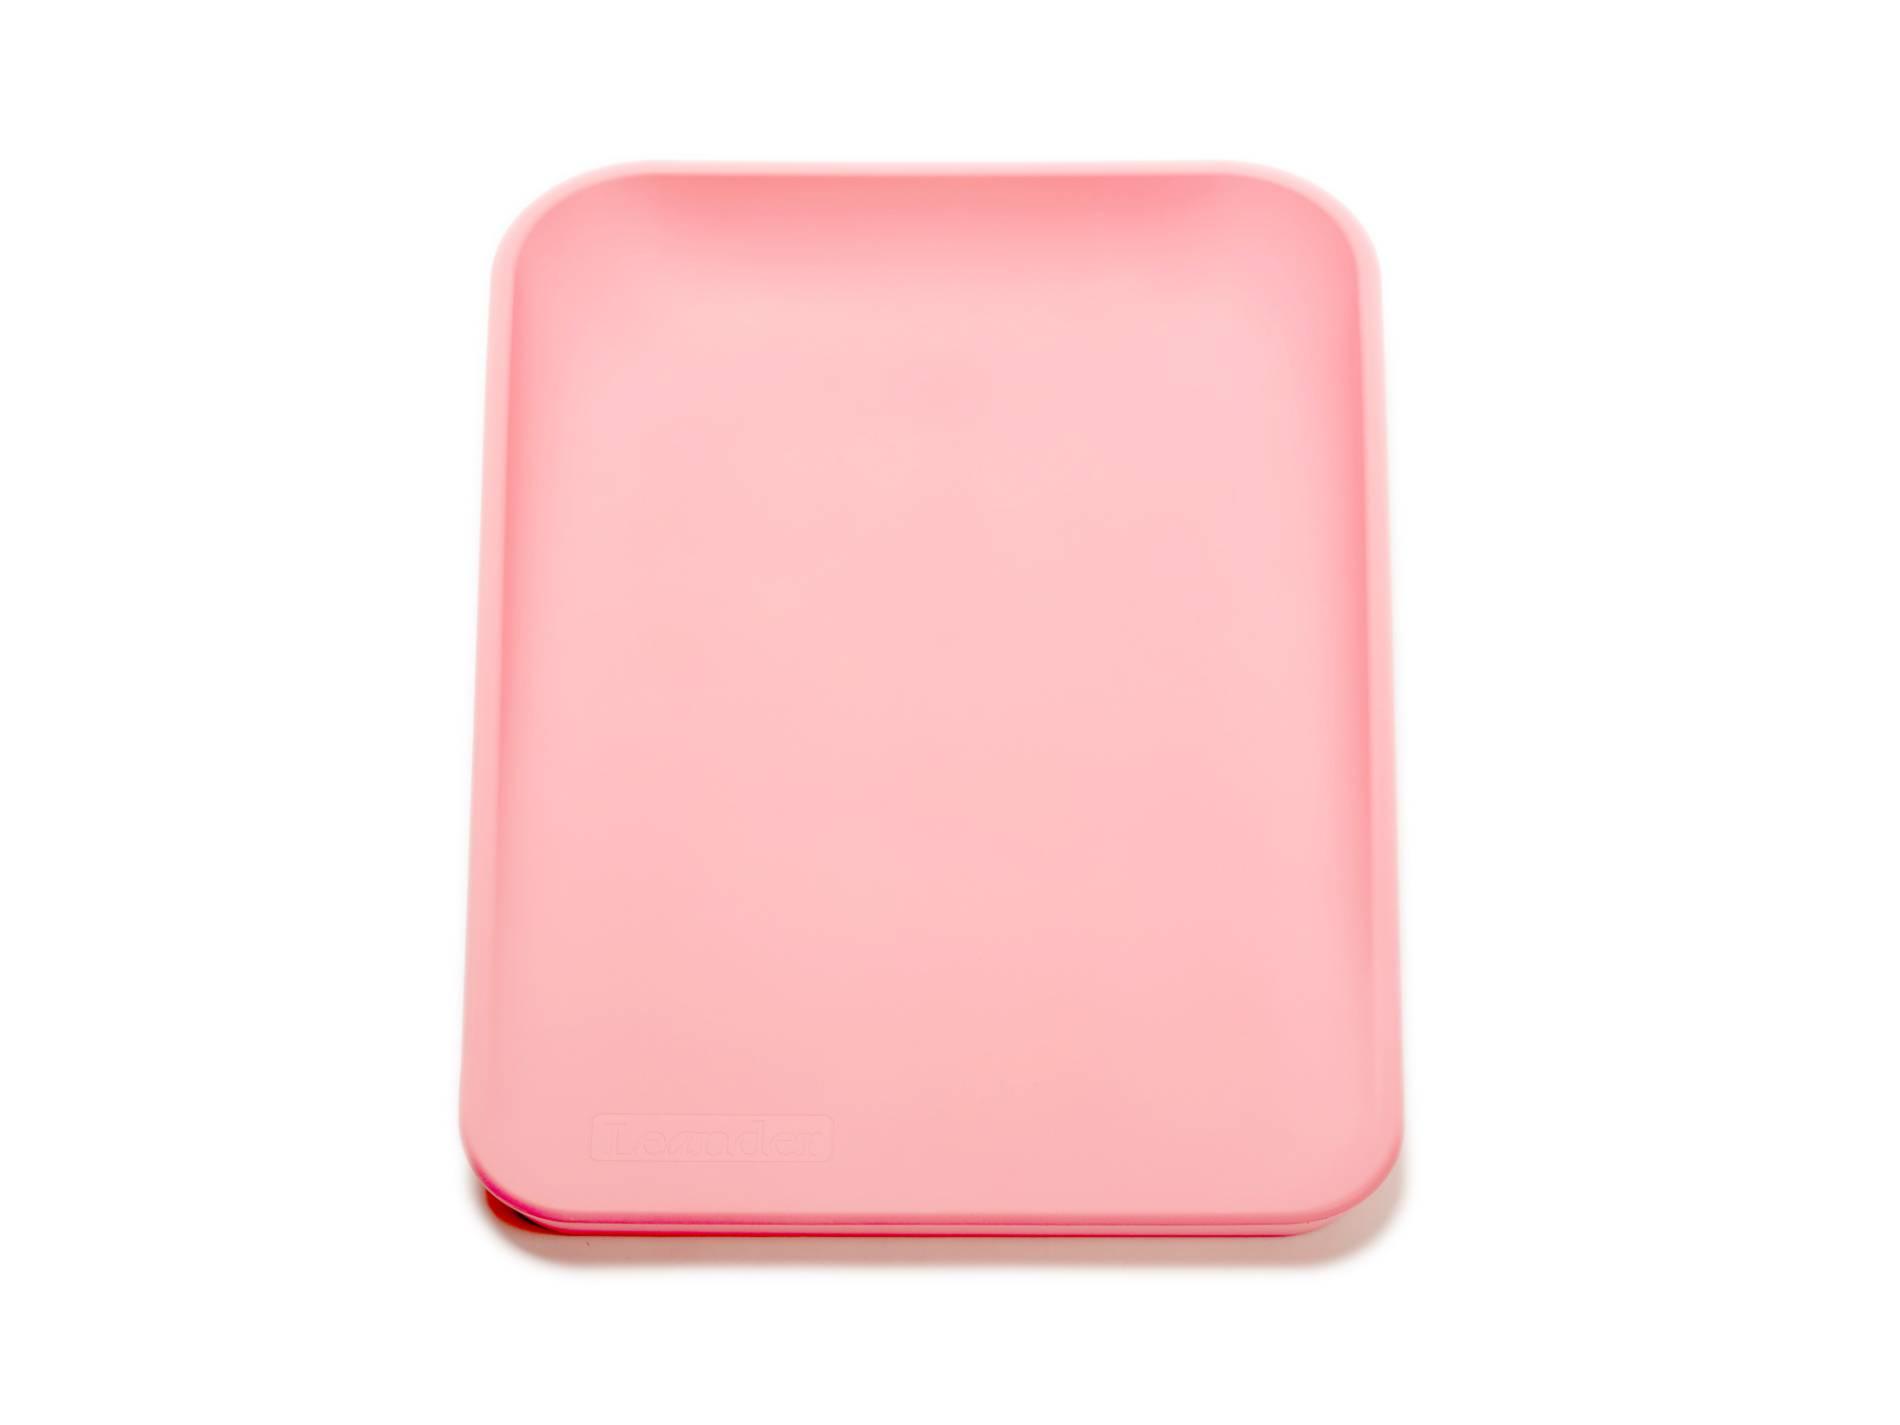 Matty Wickelkissen, soft pink